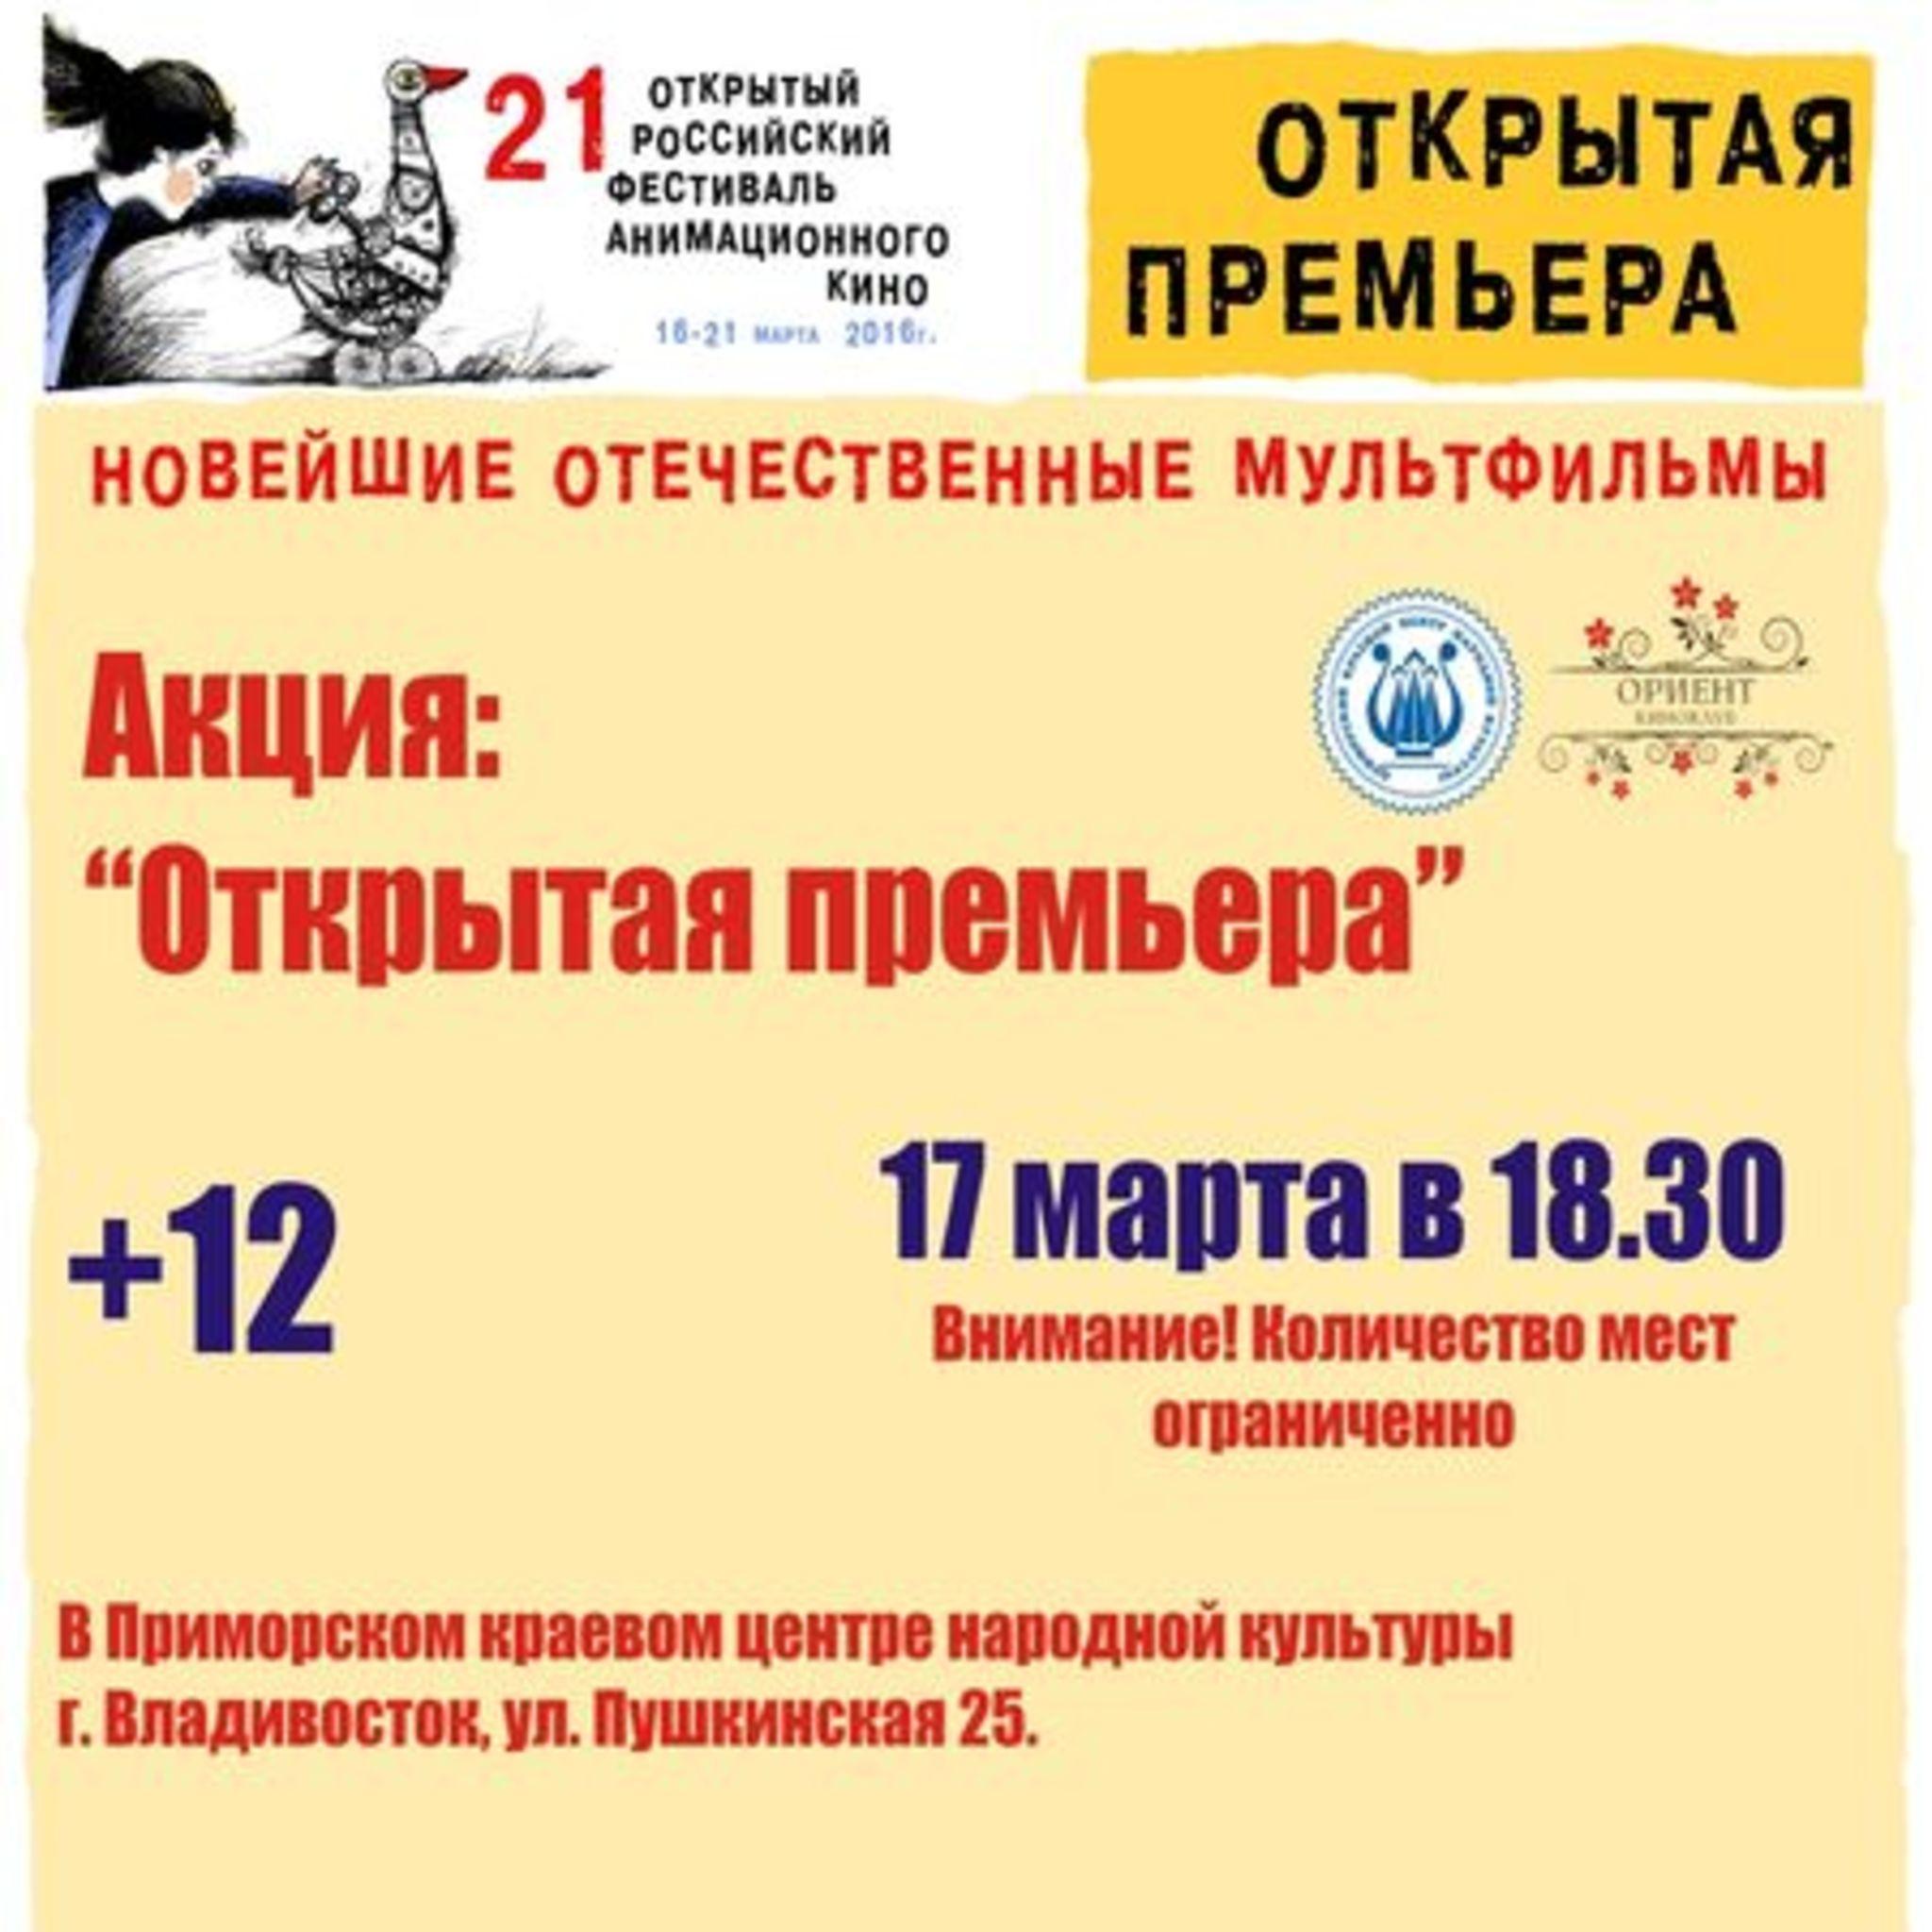 Action Open Premiere